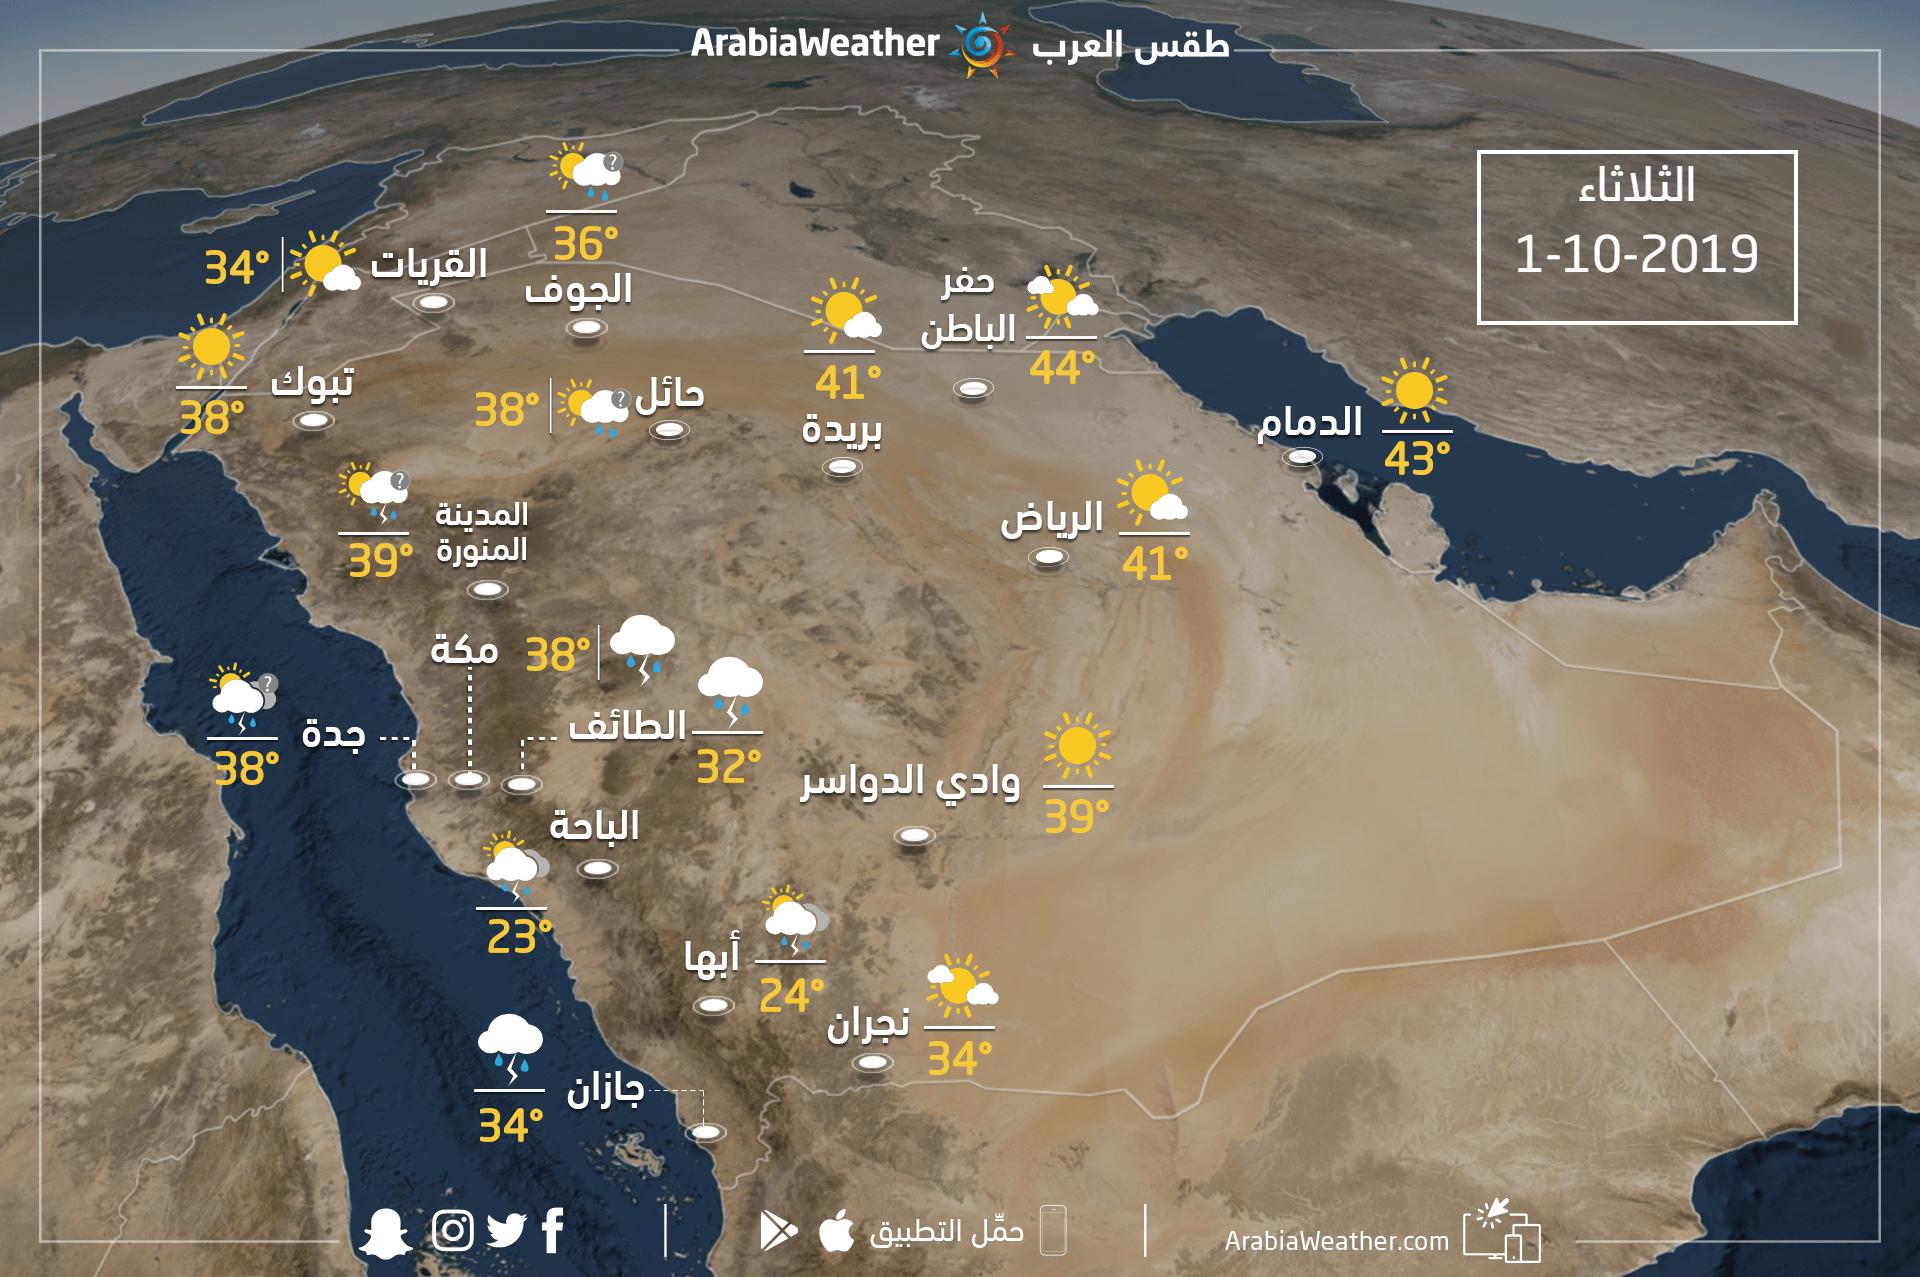 السعودية زخات رعدية بشكل يومي على جنوب غرب السعودية قد تمتد للوسط تشتد خلال منتصف الأسبوع طقس العرب